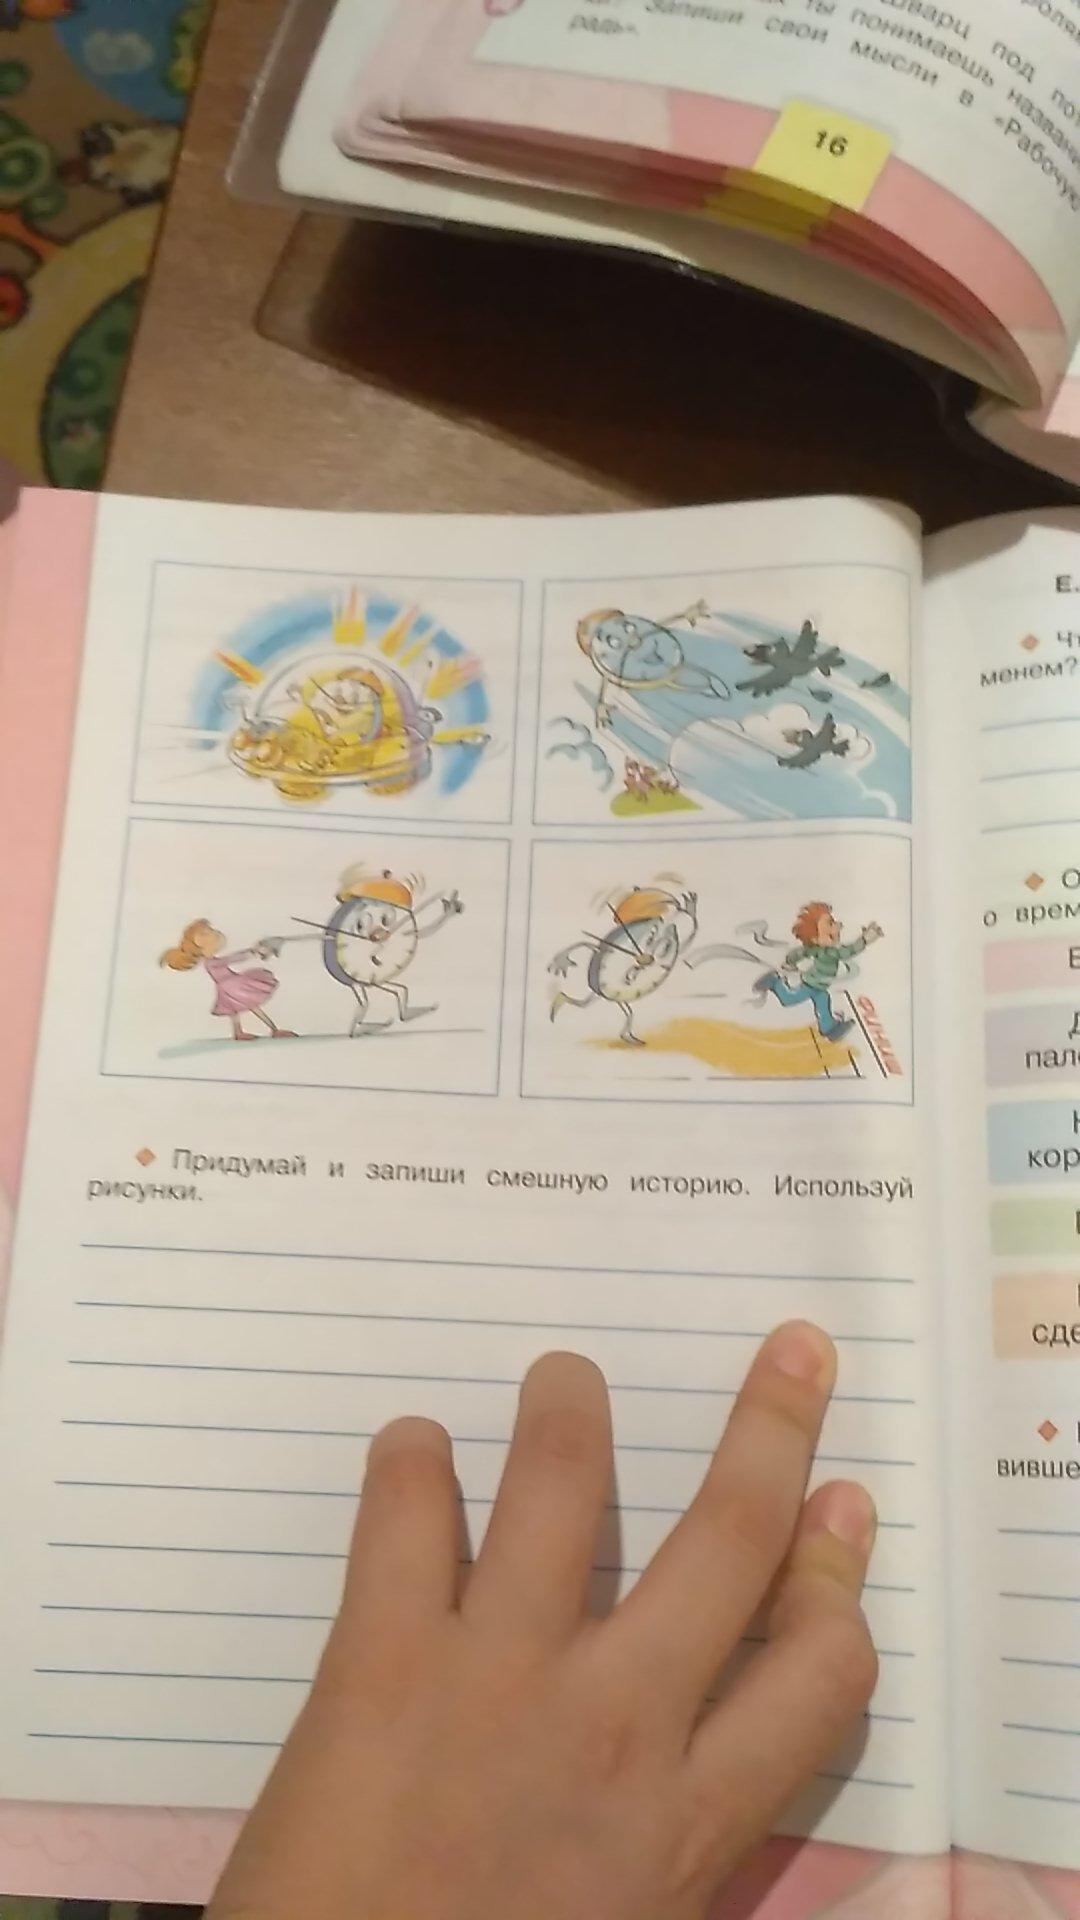 Картинка муж, придумай и запиши смешную историю используя рисунки 4 класс рабочая тетрадь